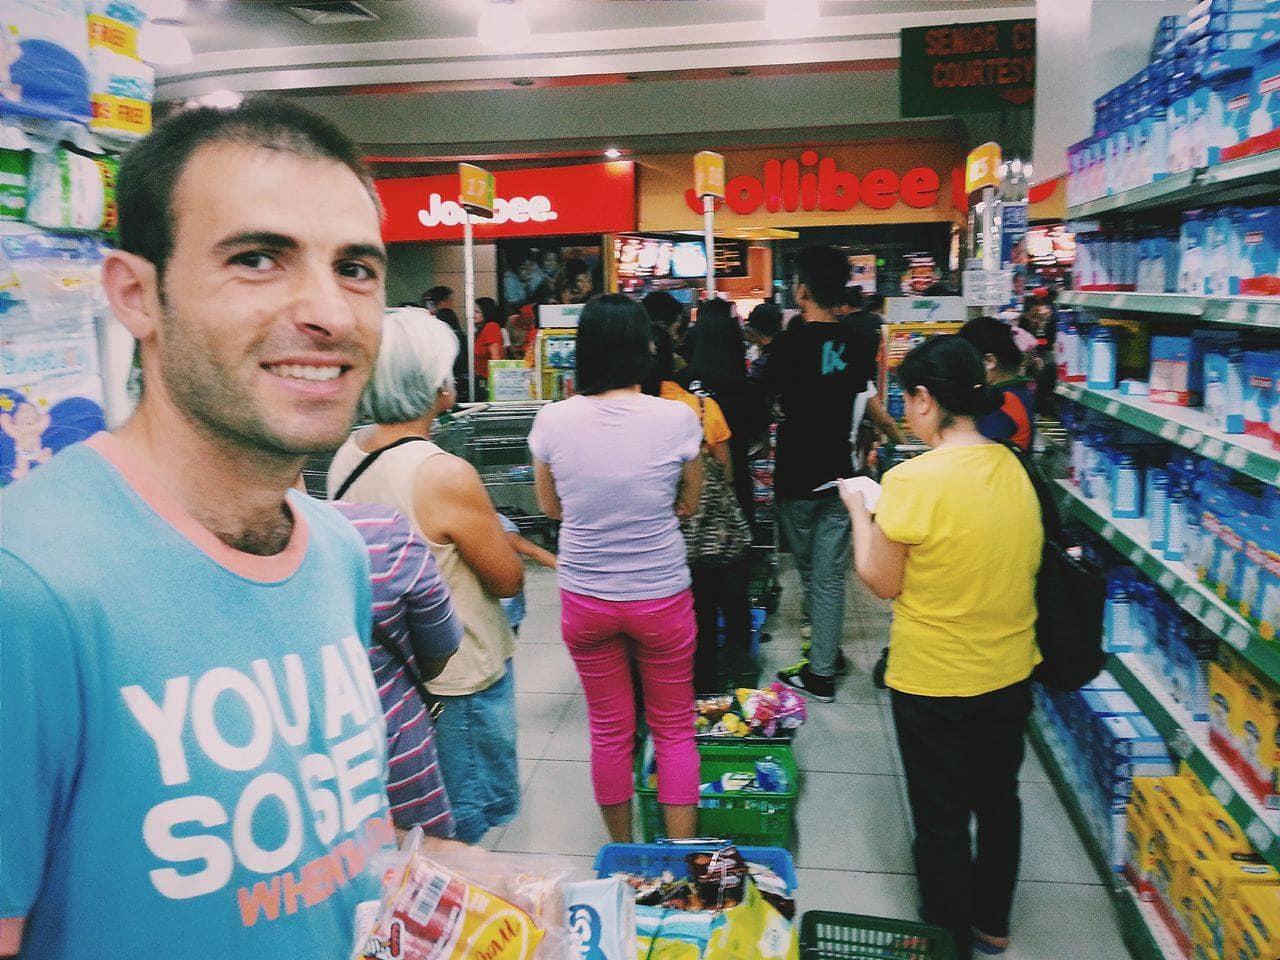 Long queue in supermarket.